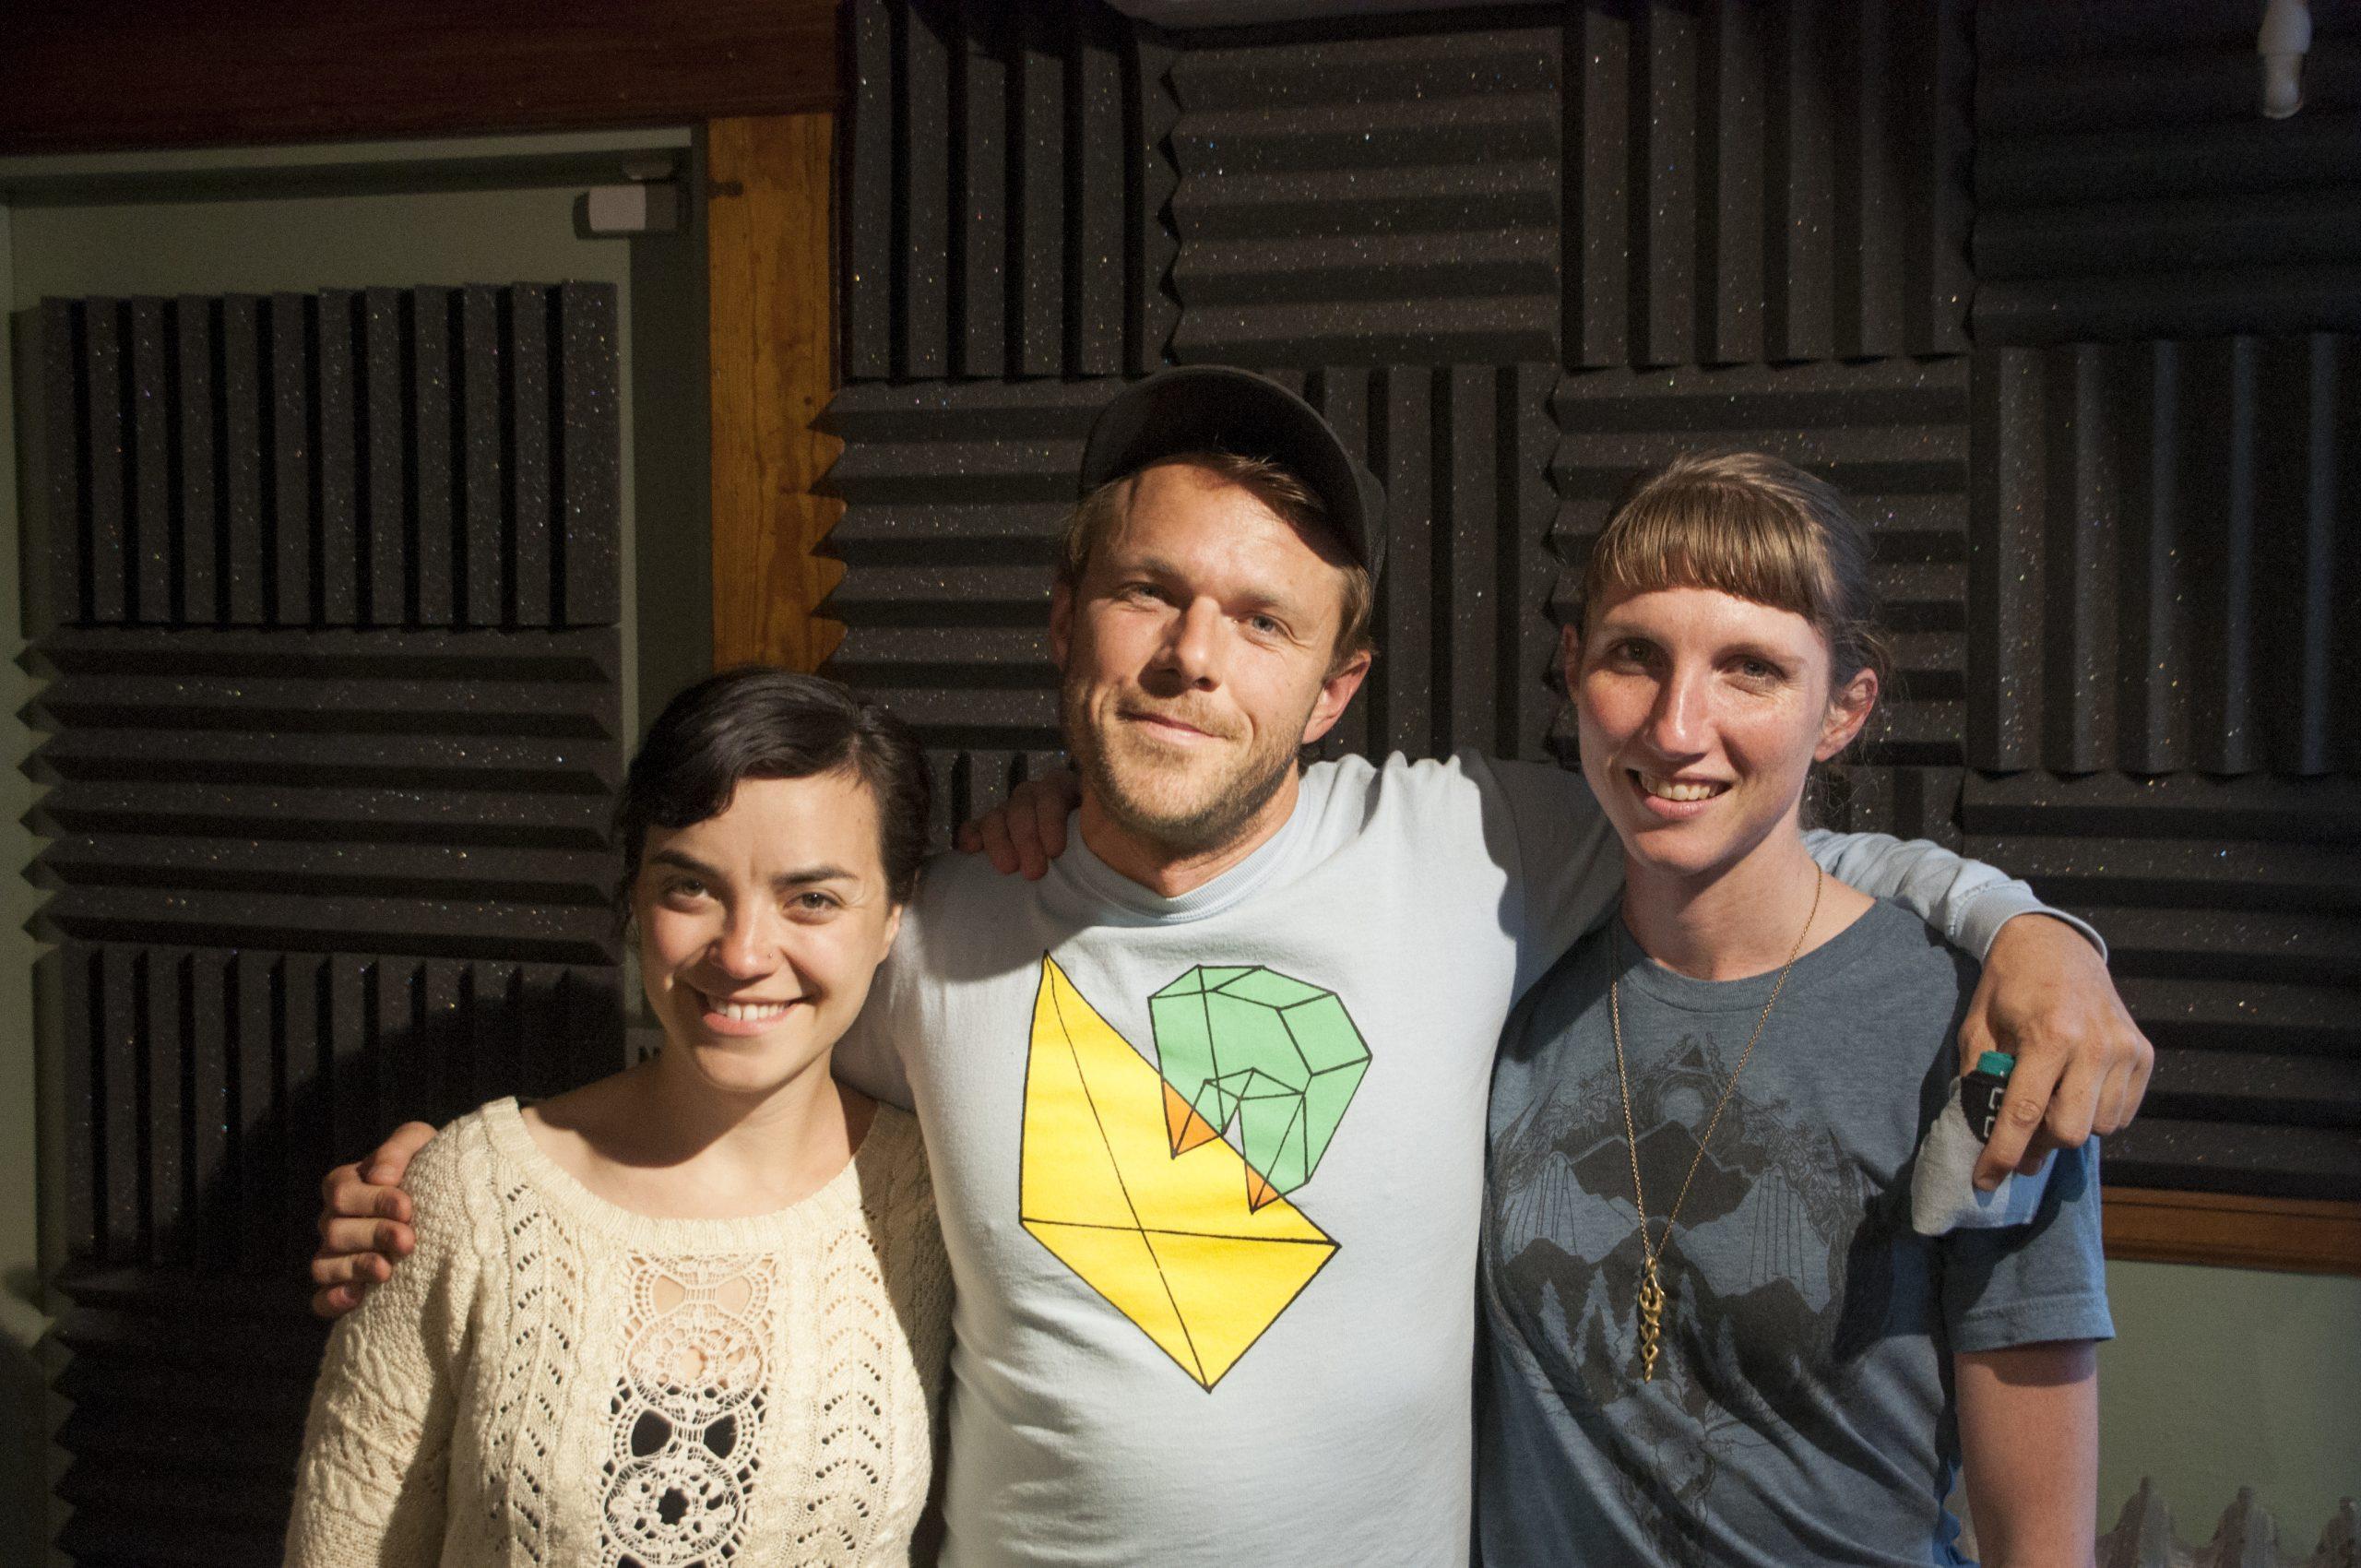 (left to right) Aviva Lipkowitz, Josiah Johnson, and Chelsea Coleman in-studio at 91.5 KRCC